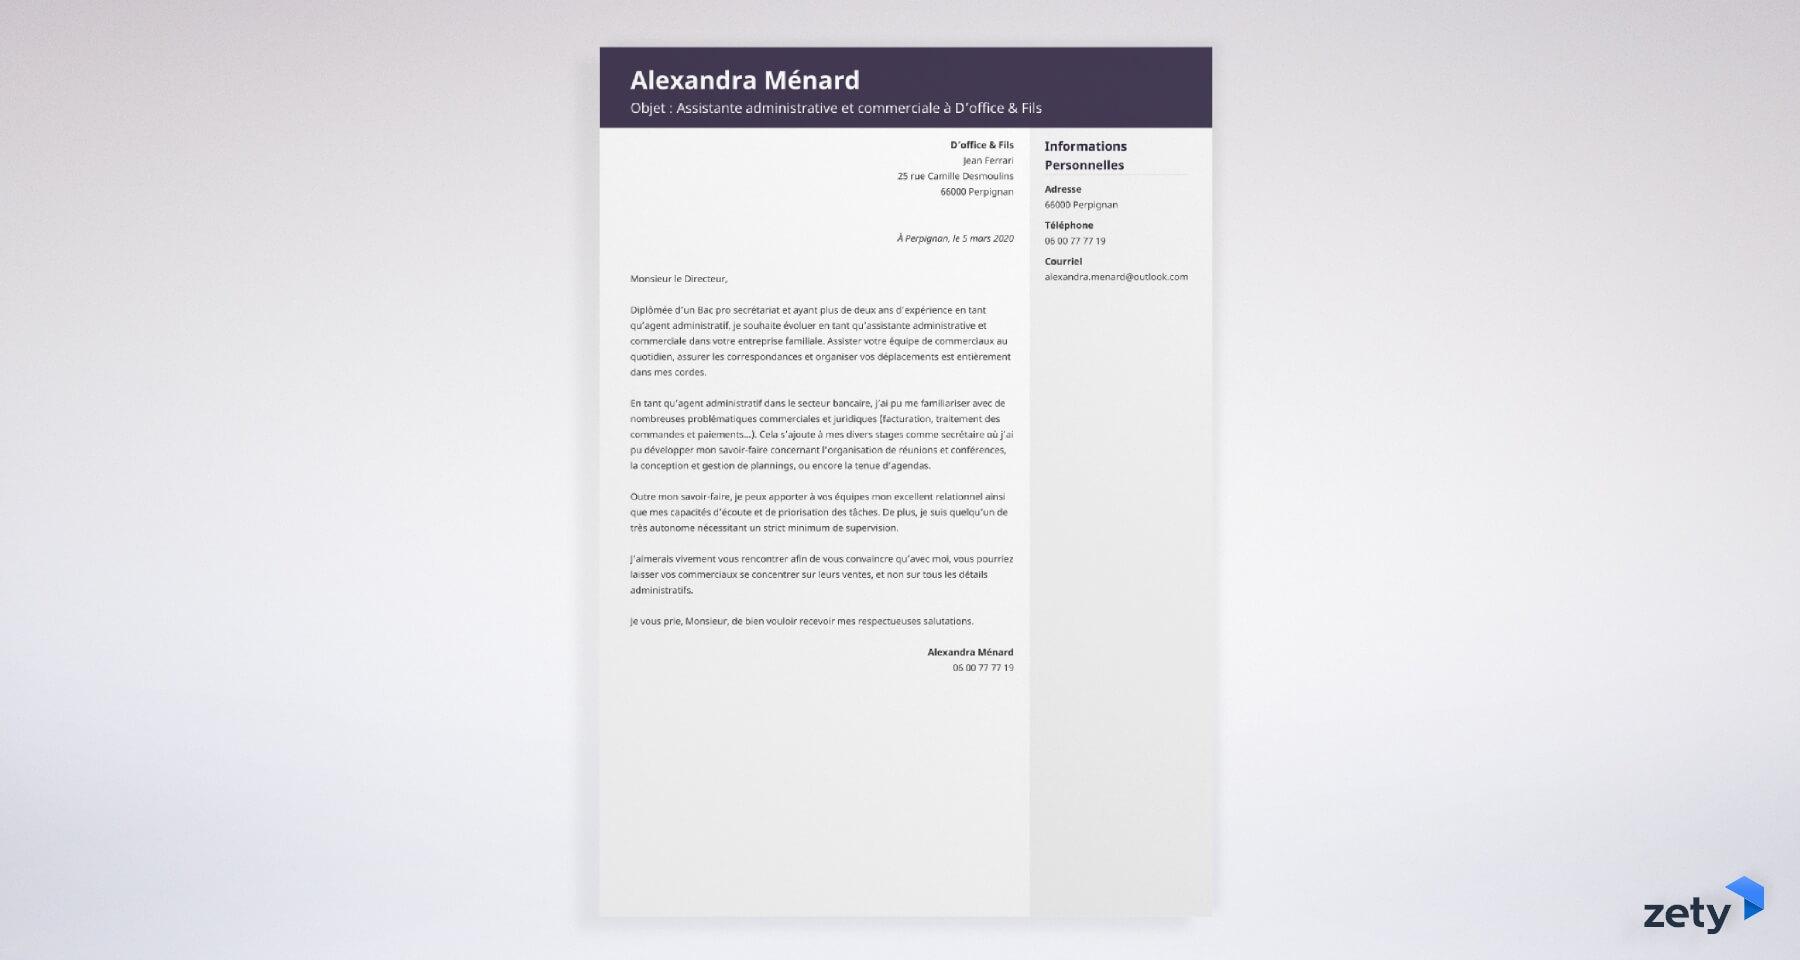 Objet D Une Lettre De Motivation 20 Exemples Objet D Email